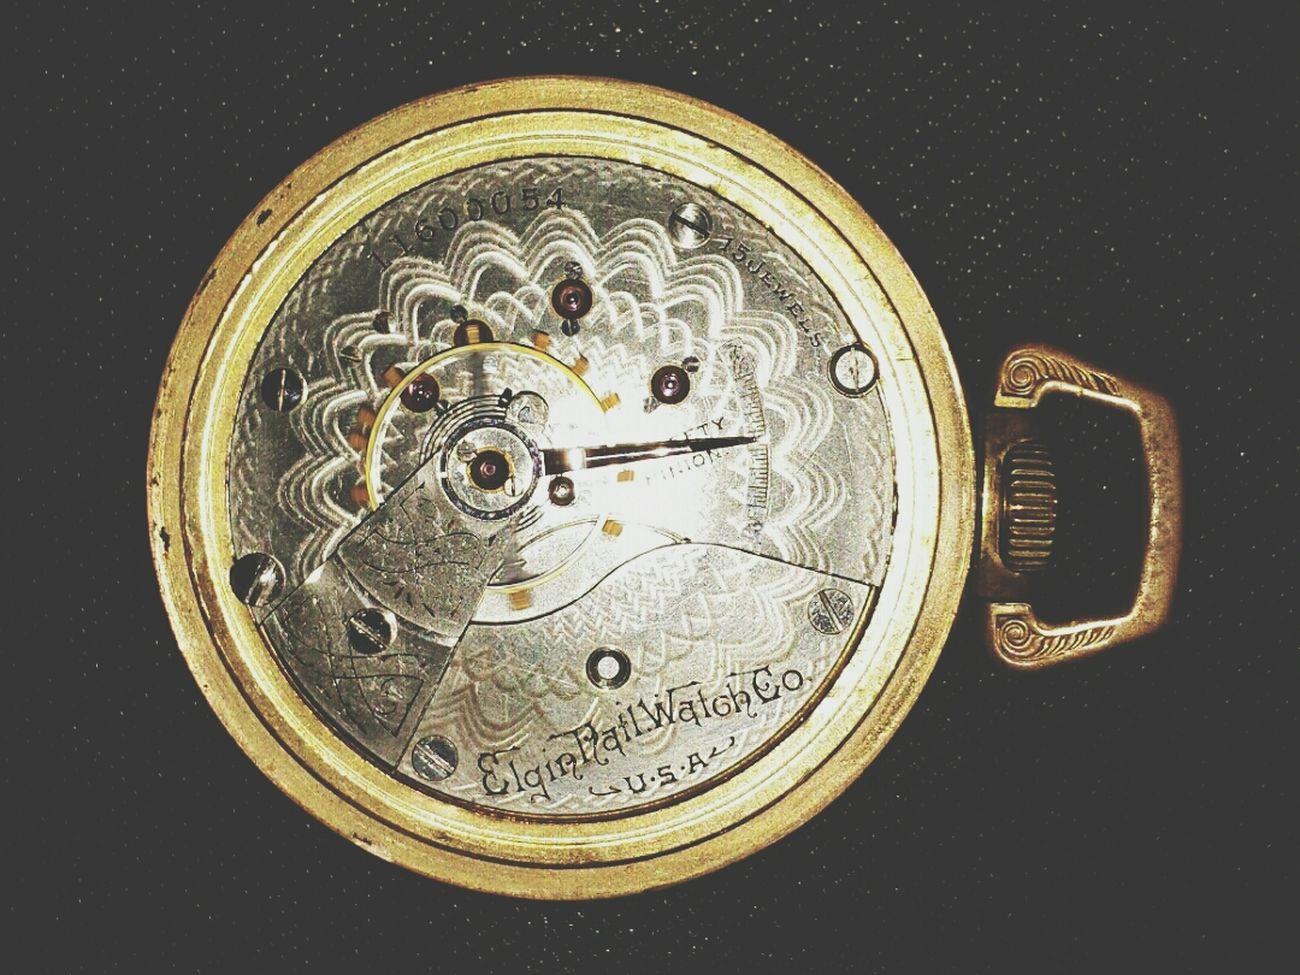 Antique Pocket Watch - Clockwork Watch